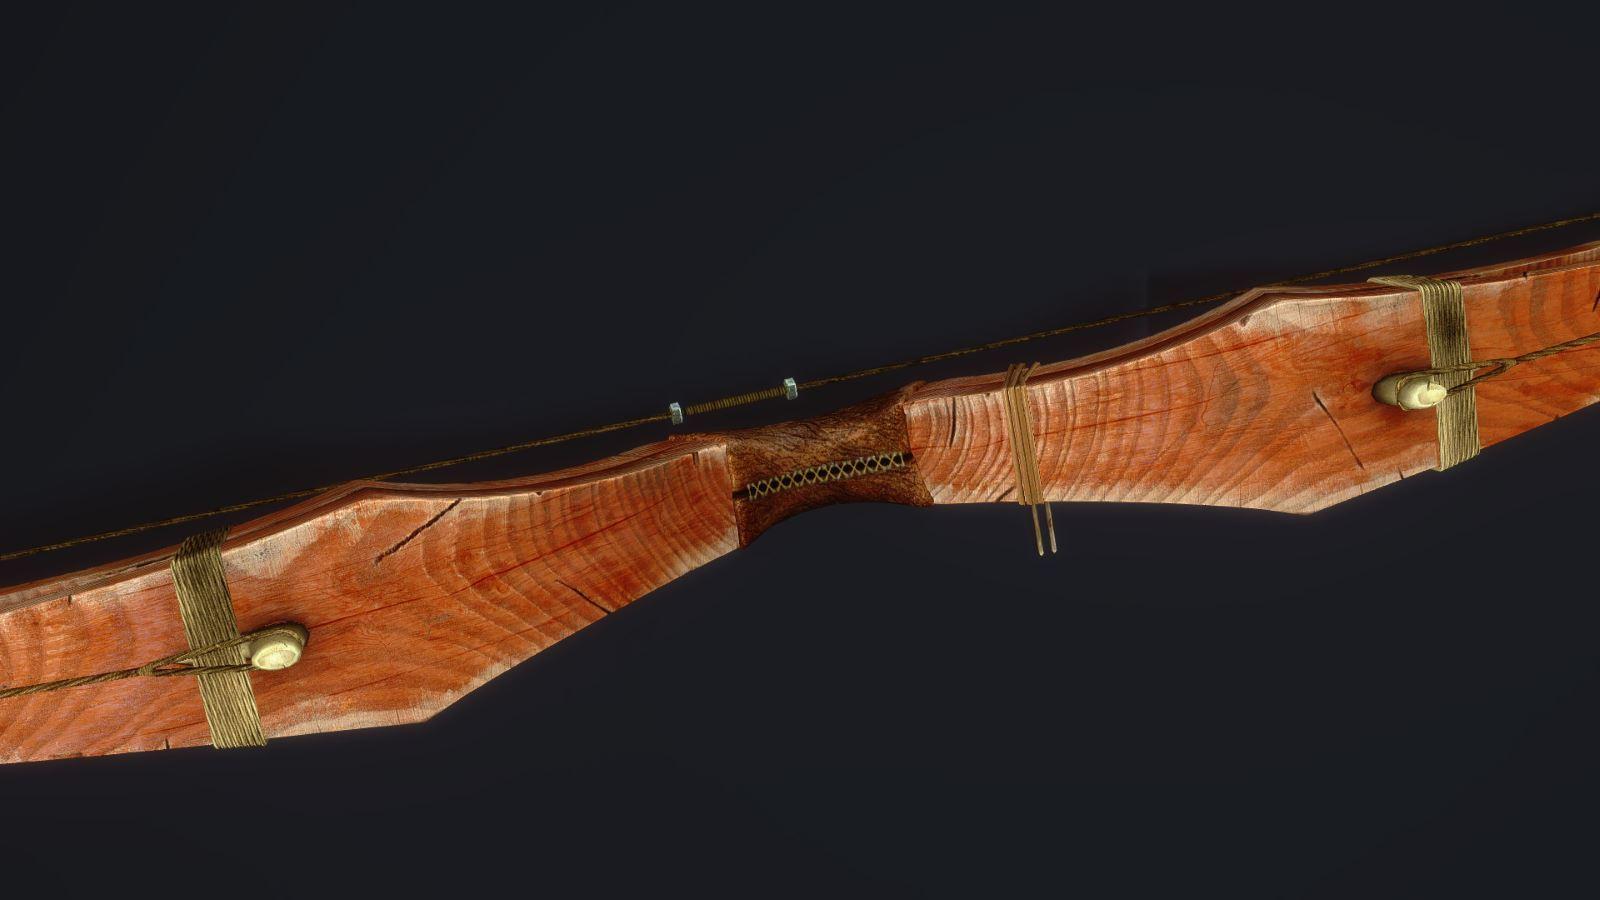 PenobscotWarBowSK 251-1 Pose Bow4 NoPaint 1